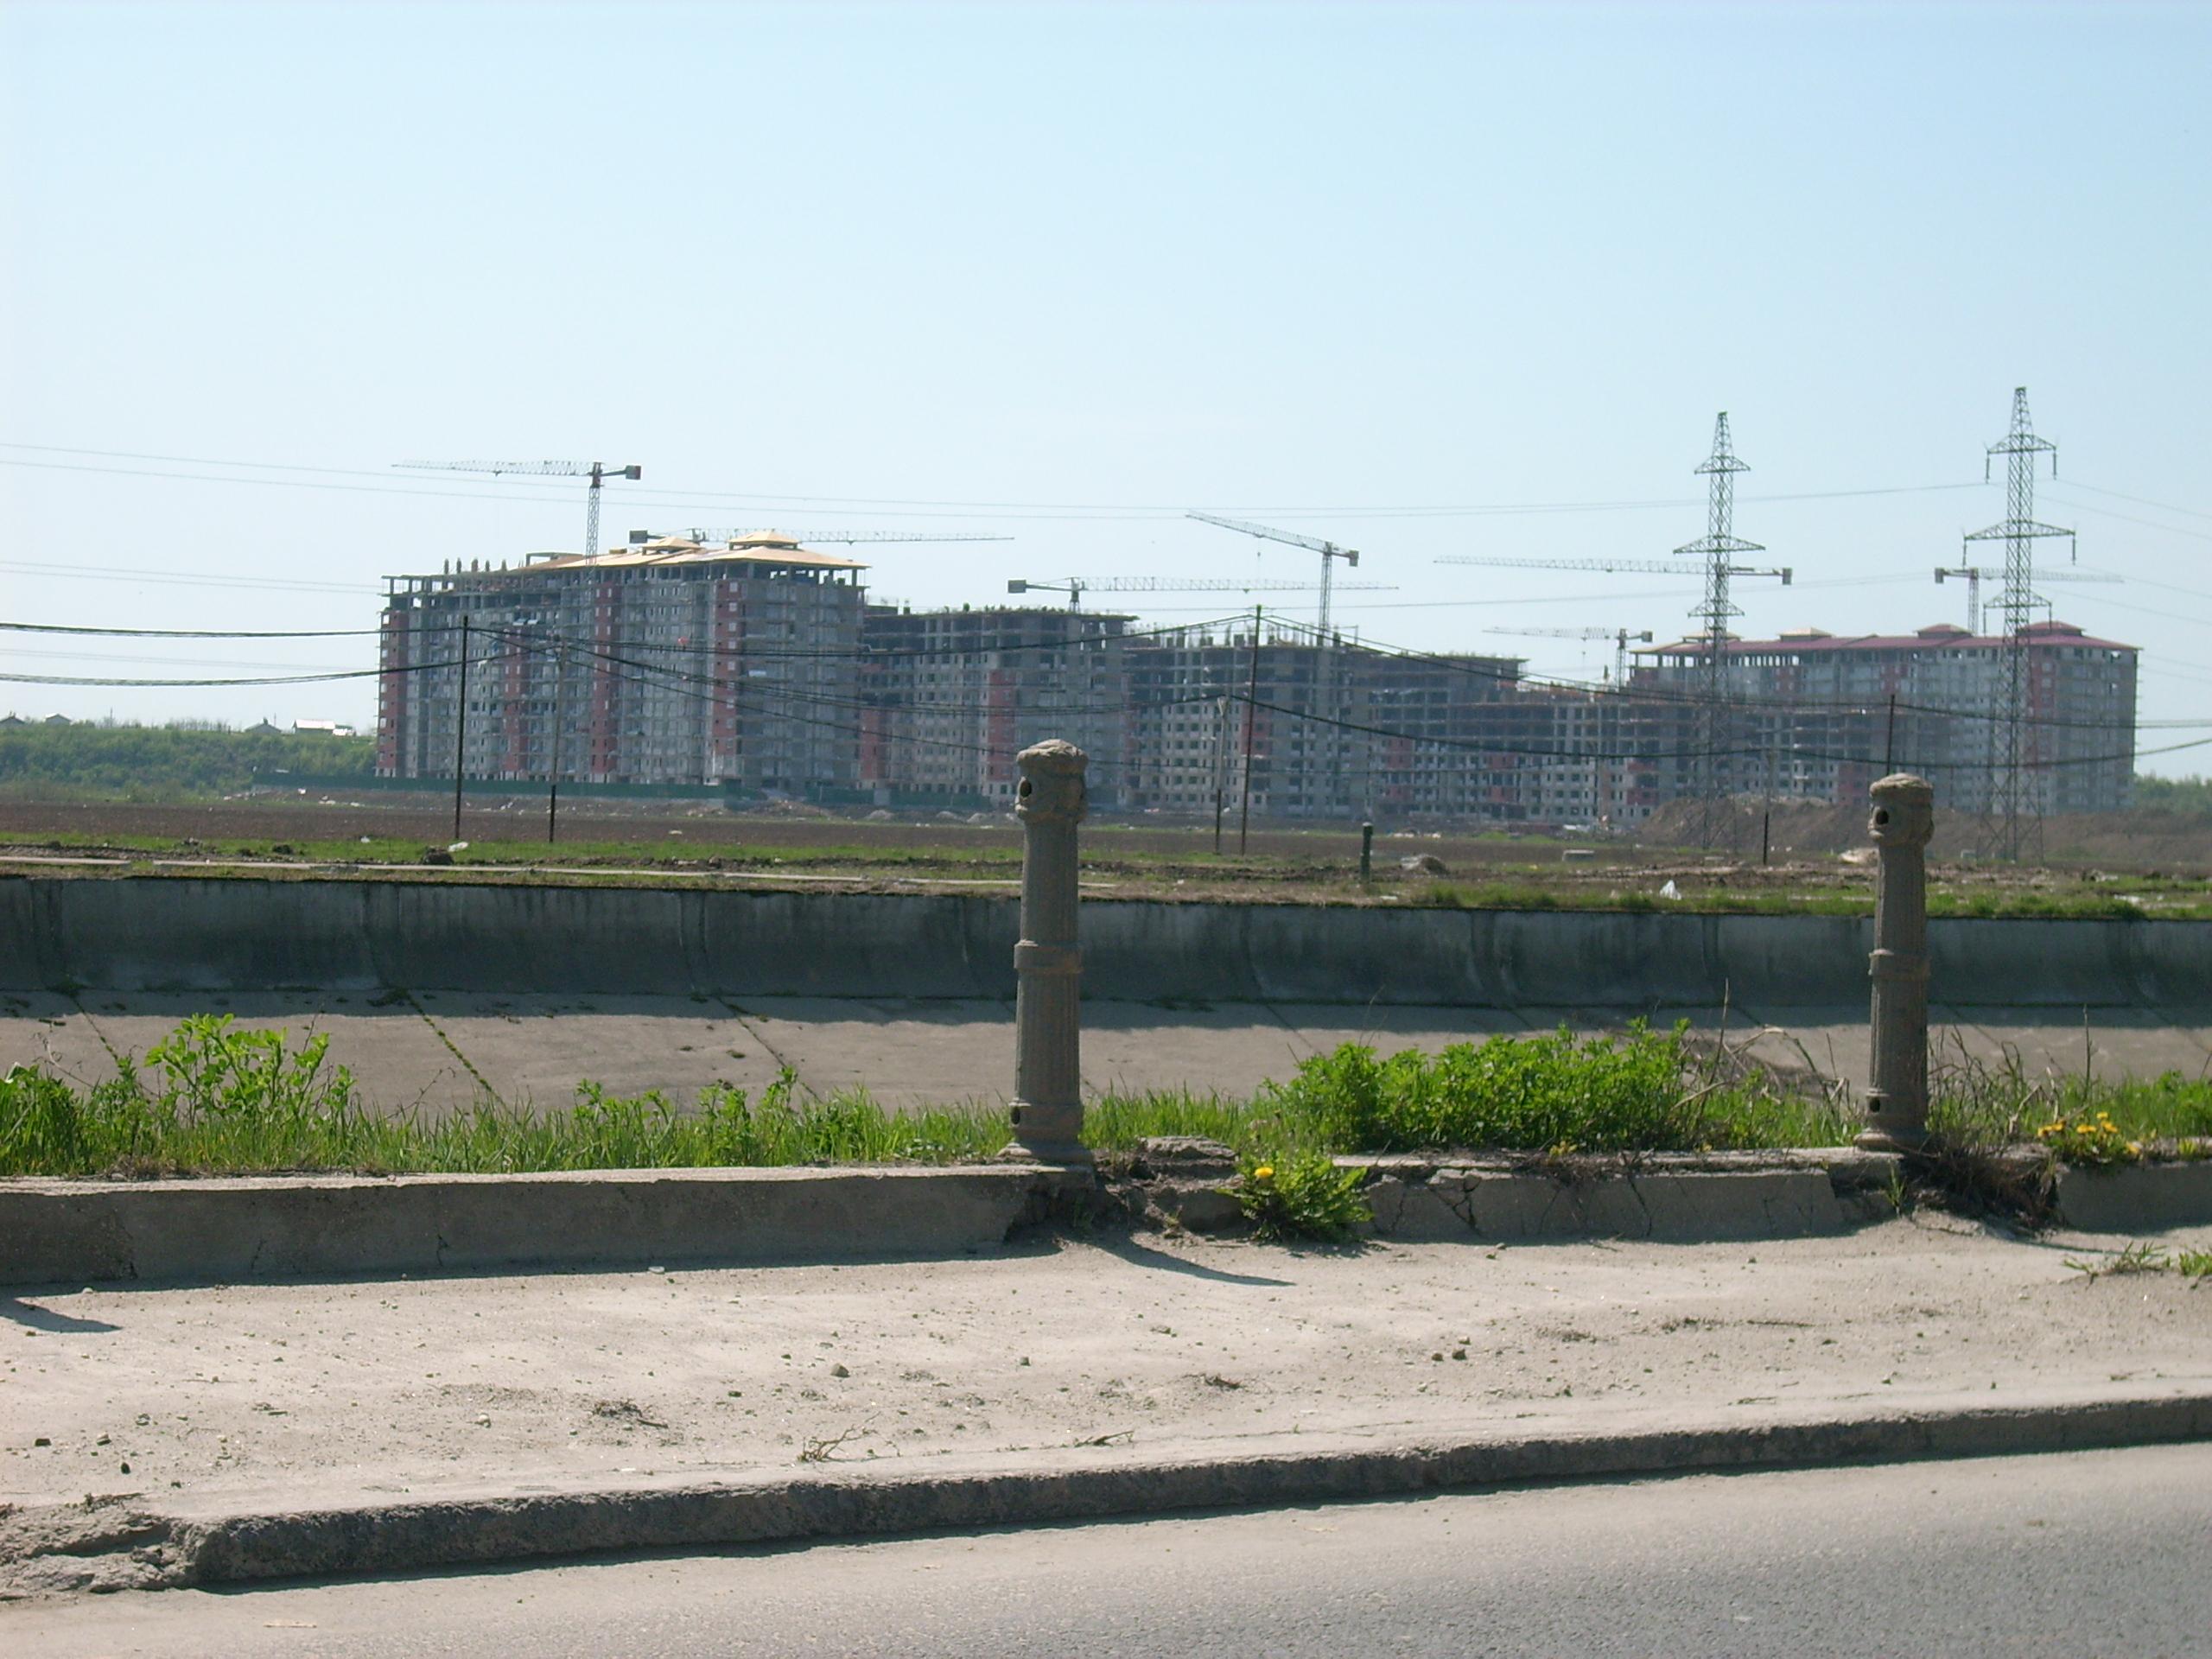 Etansare gauri tiranti - PRO HOTELS - Bazin apa - Complexul City Confort UNICO PROFIT - Poza 4